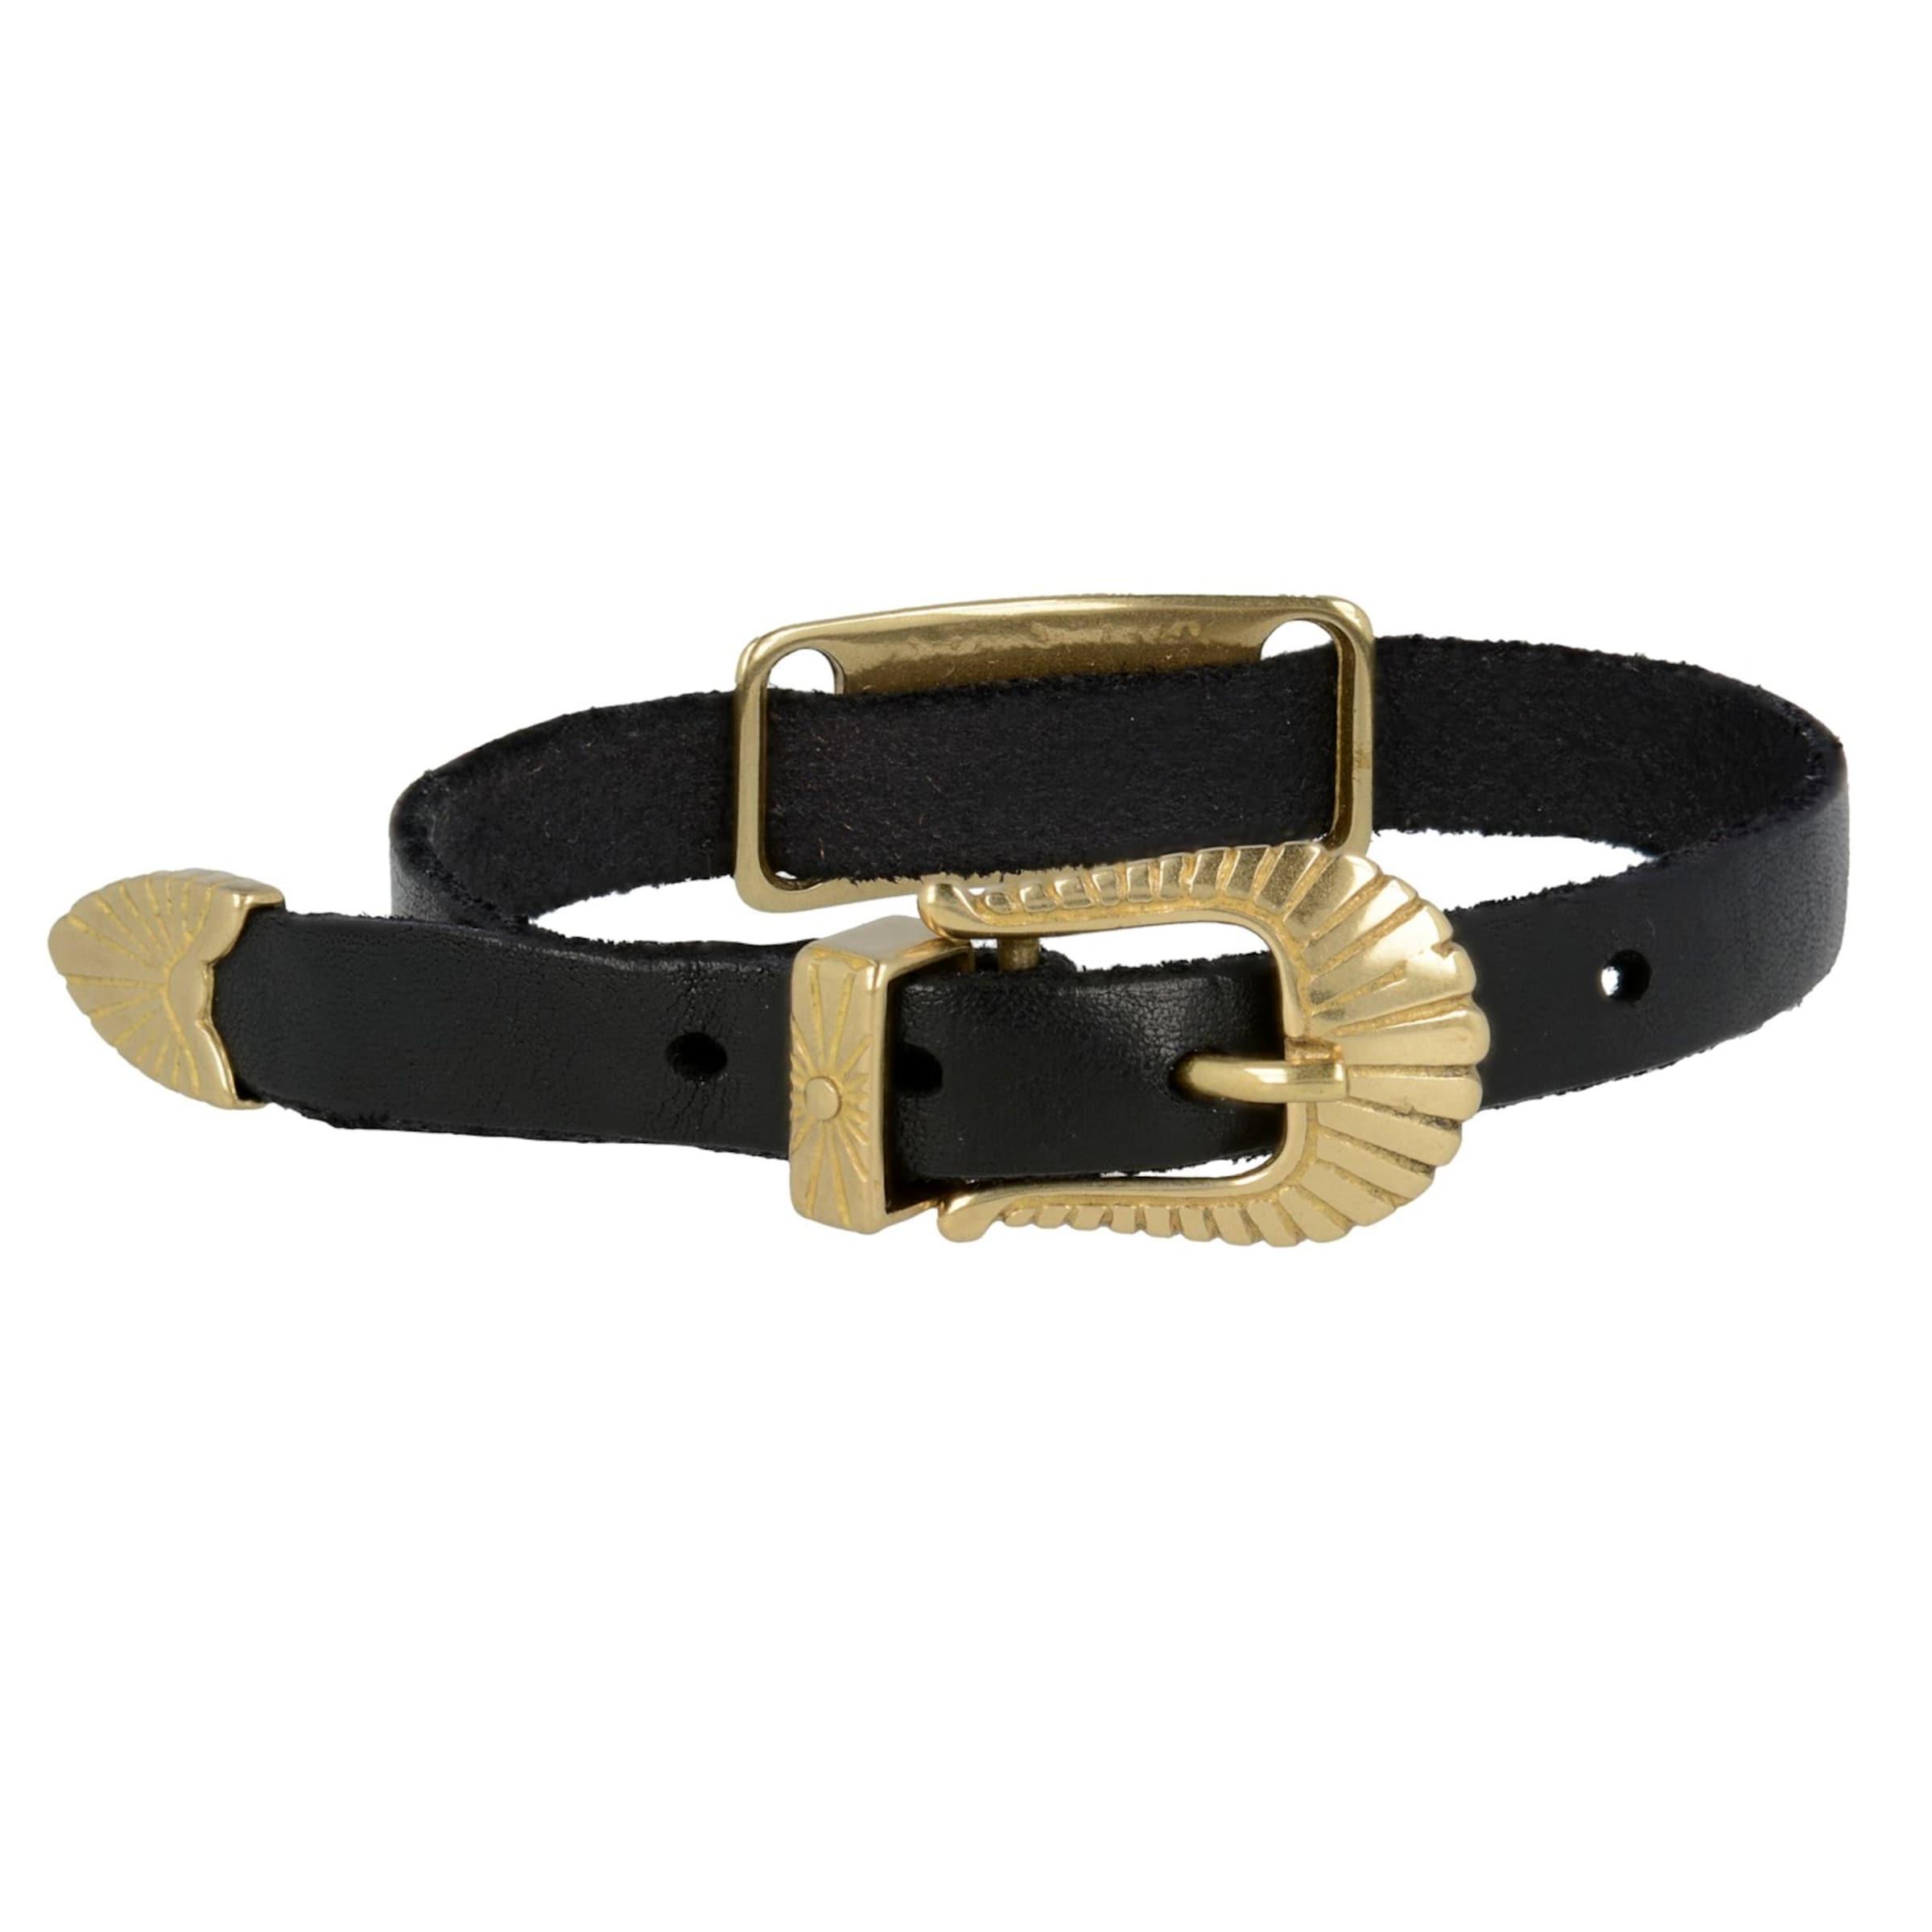 Campomaggi Bracciali Armband Leder 27cm Billig Verkauf Ausgezeichnet Amazon Günstig Online Online-Shopping Zum Verkauf dMfV08OoI